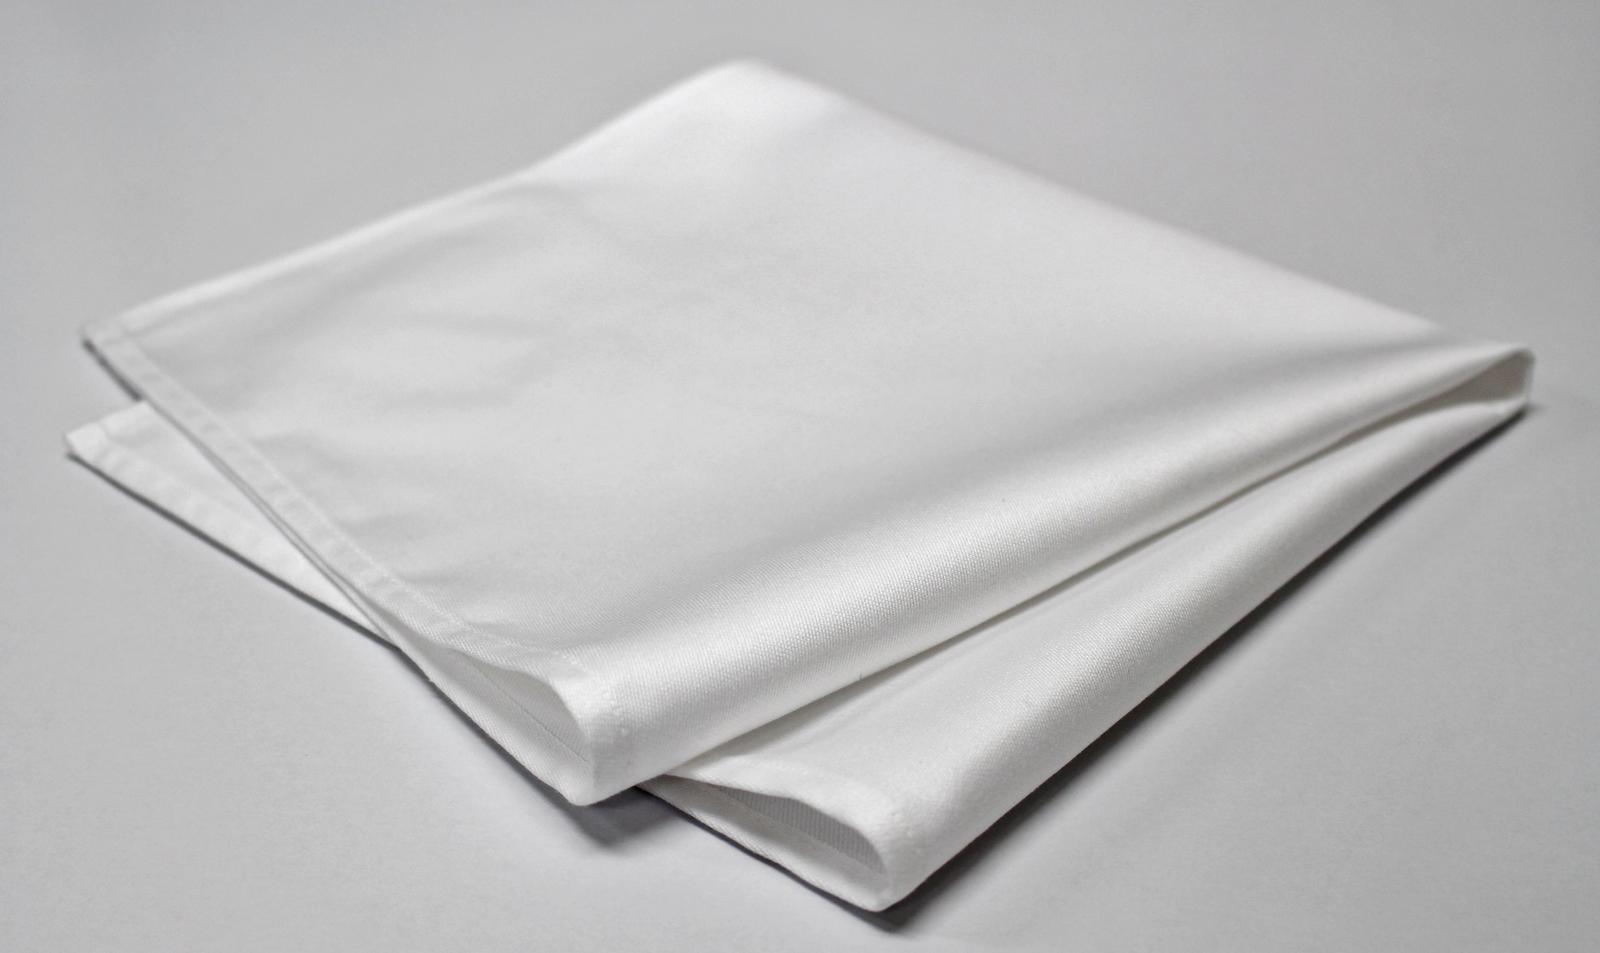 プロ用 業務用 日本製 ナフキン 通常便なら送料無料 朱子無地 ホワイト 3枚 ワイン 定番 綿100% トーション ナプキン テーブル 51×51